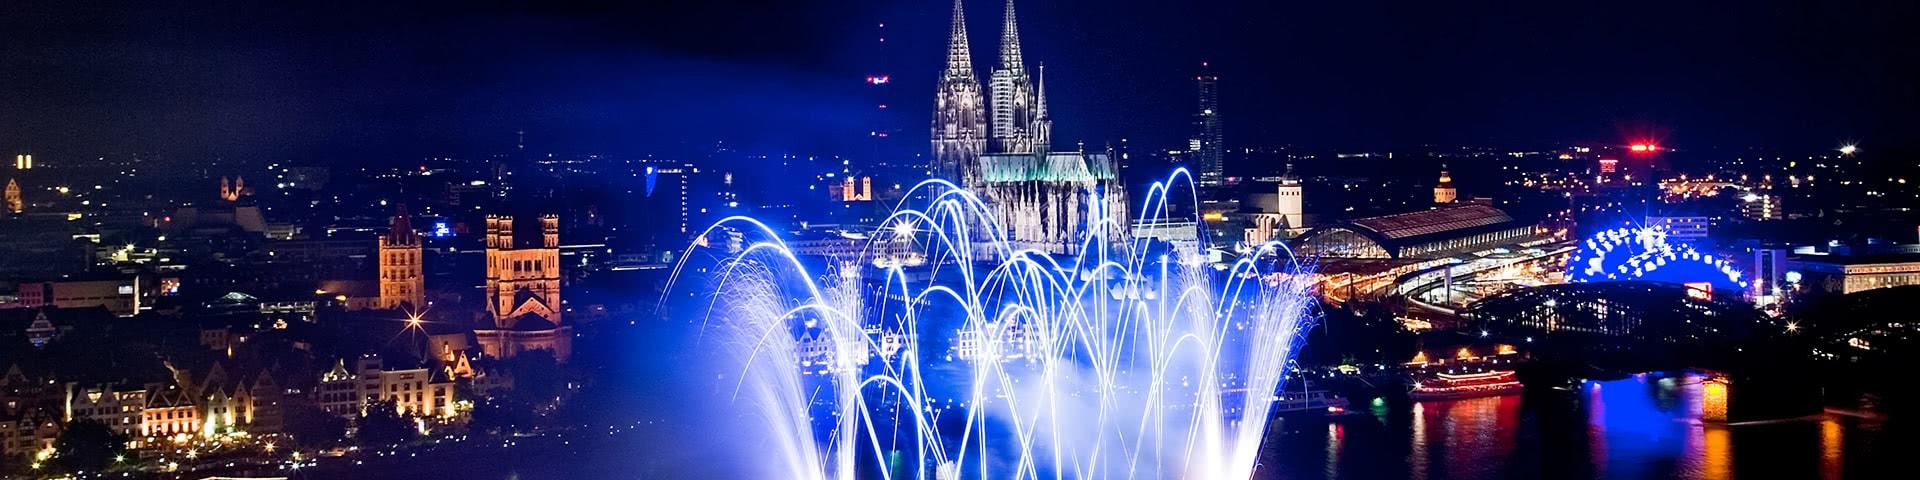 Feuerwerk auf dem Rhein mit Blick auf die Kölner Altstadt